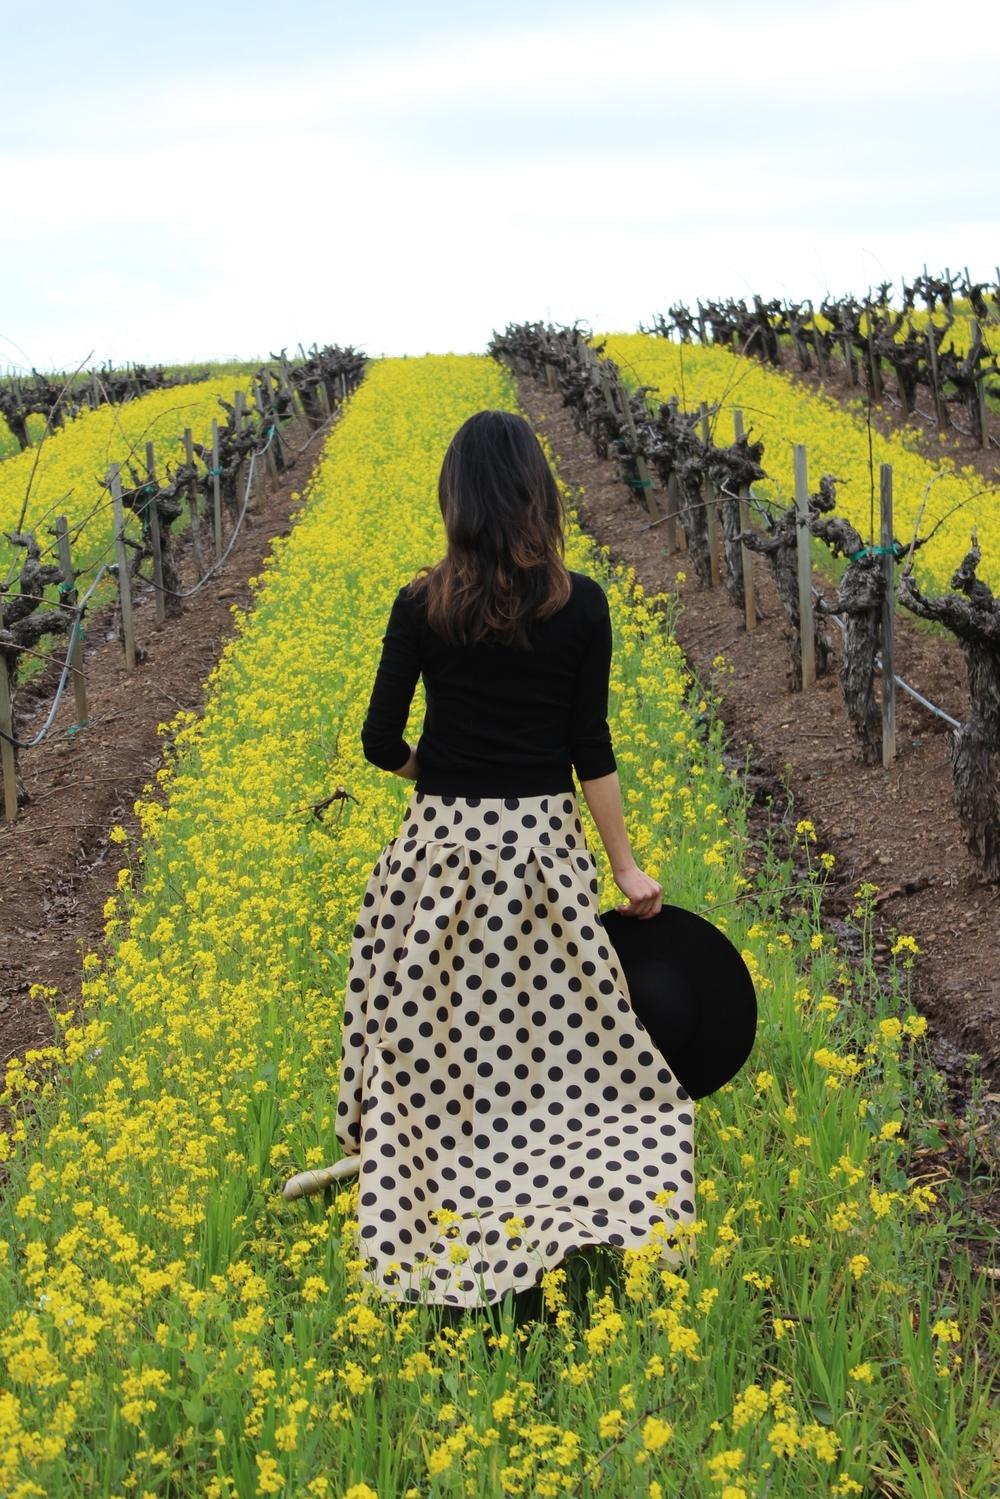 Walking through the wild mustard at BR Cohn Vineyards in Glen Ellen, CA